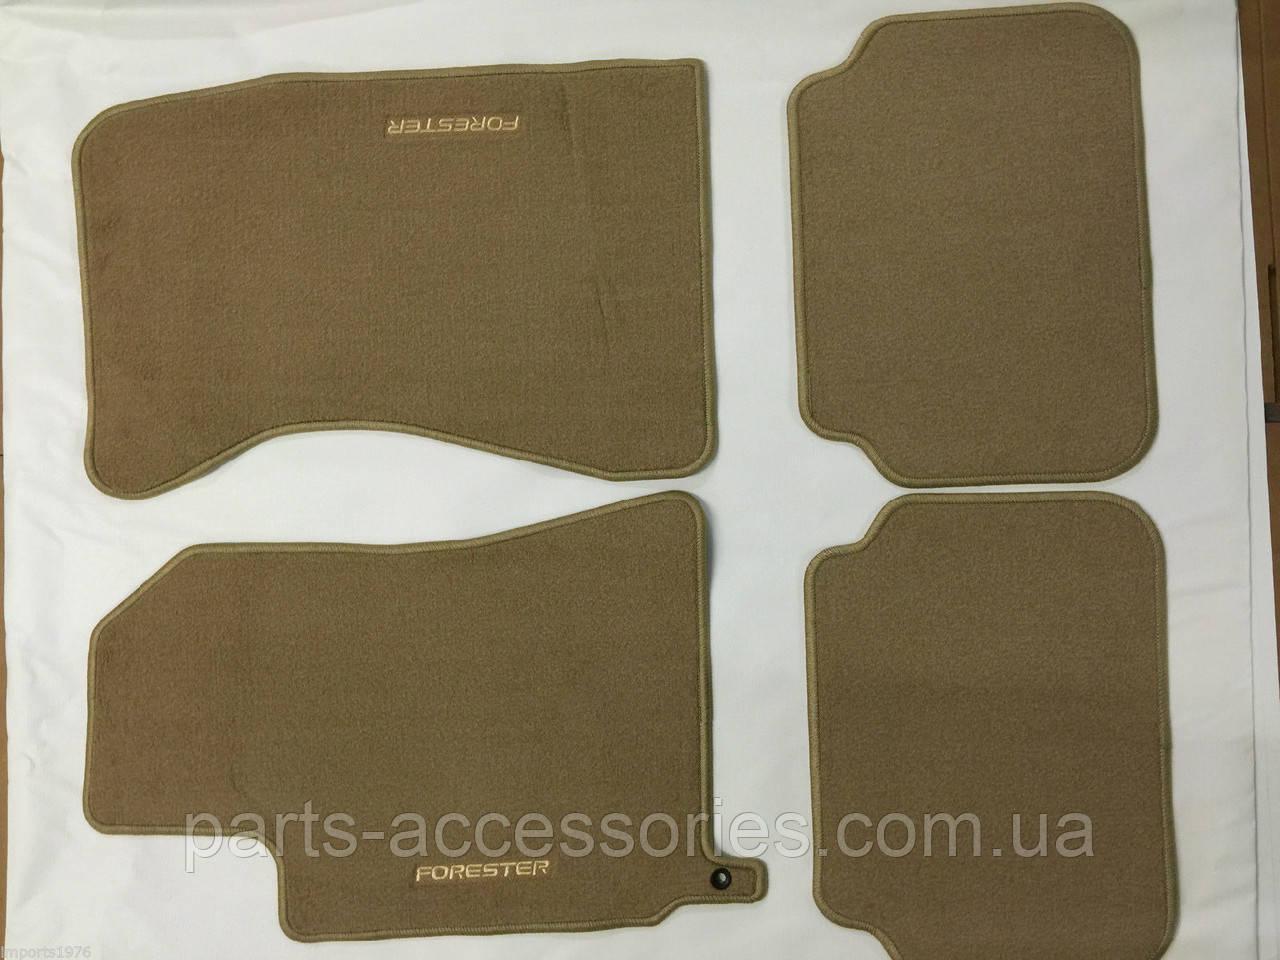 Бежеві велюрові килимки передні задні Subaru Forester 2003-08 нові оригінал